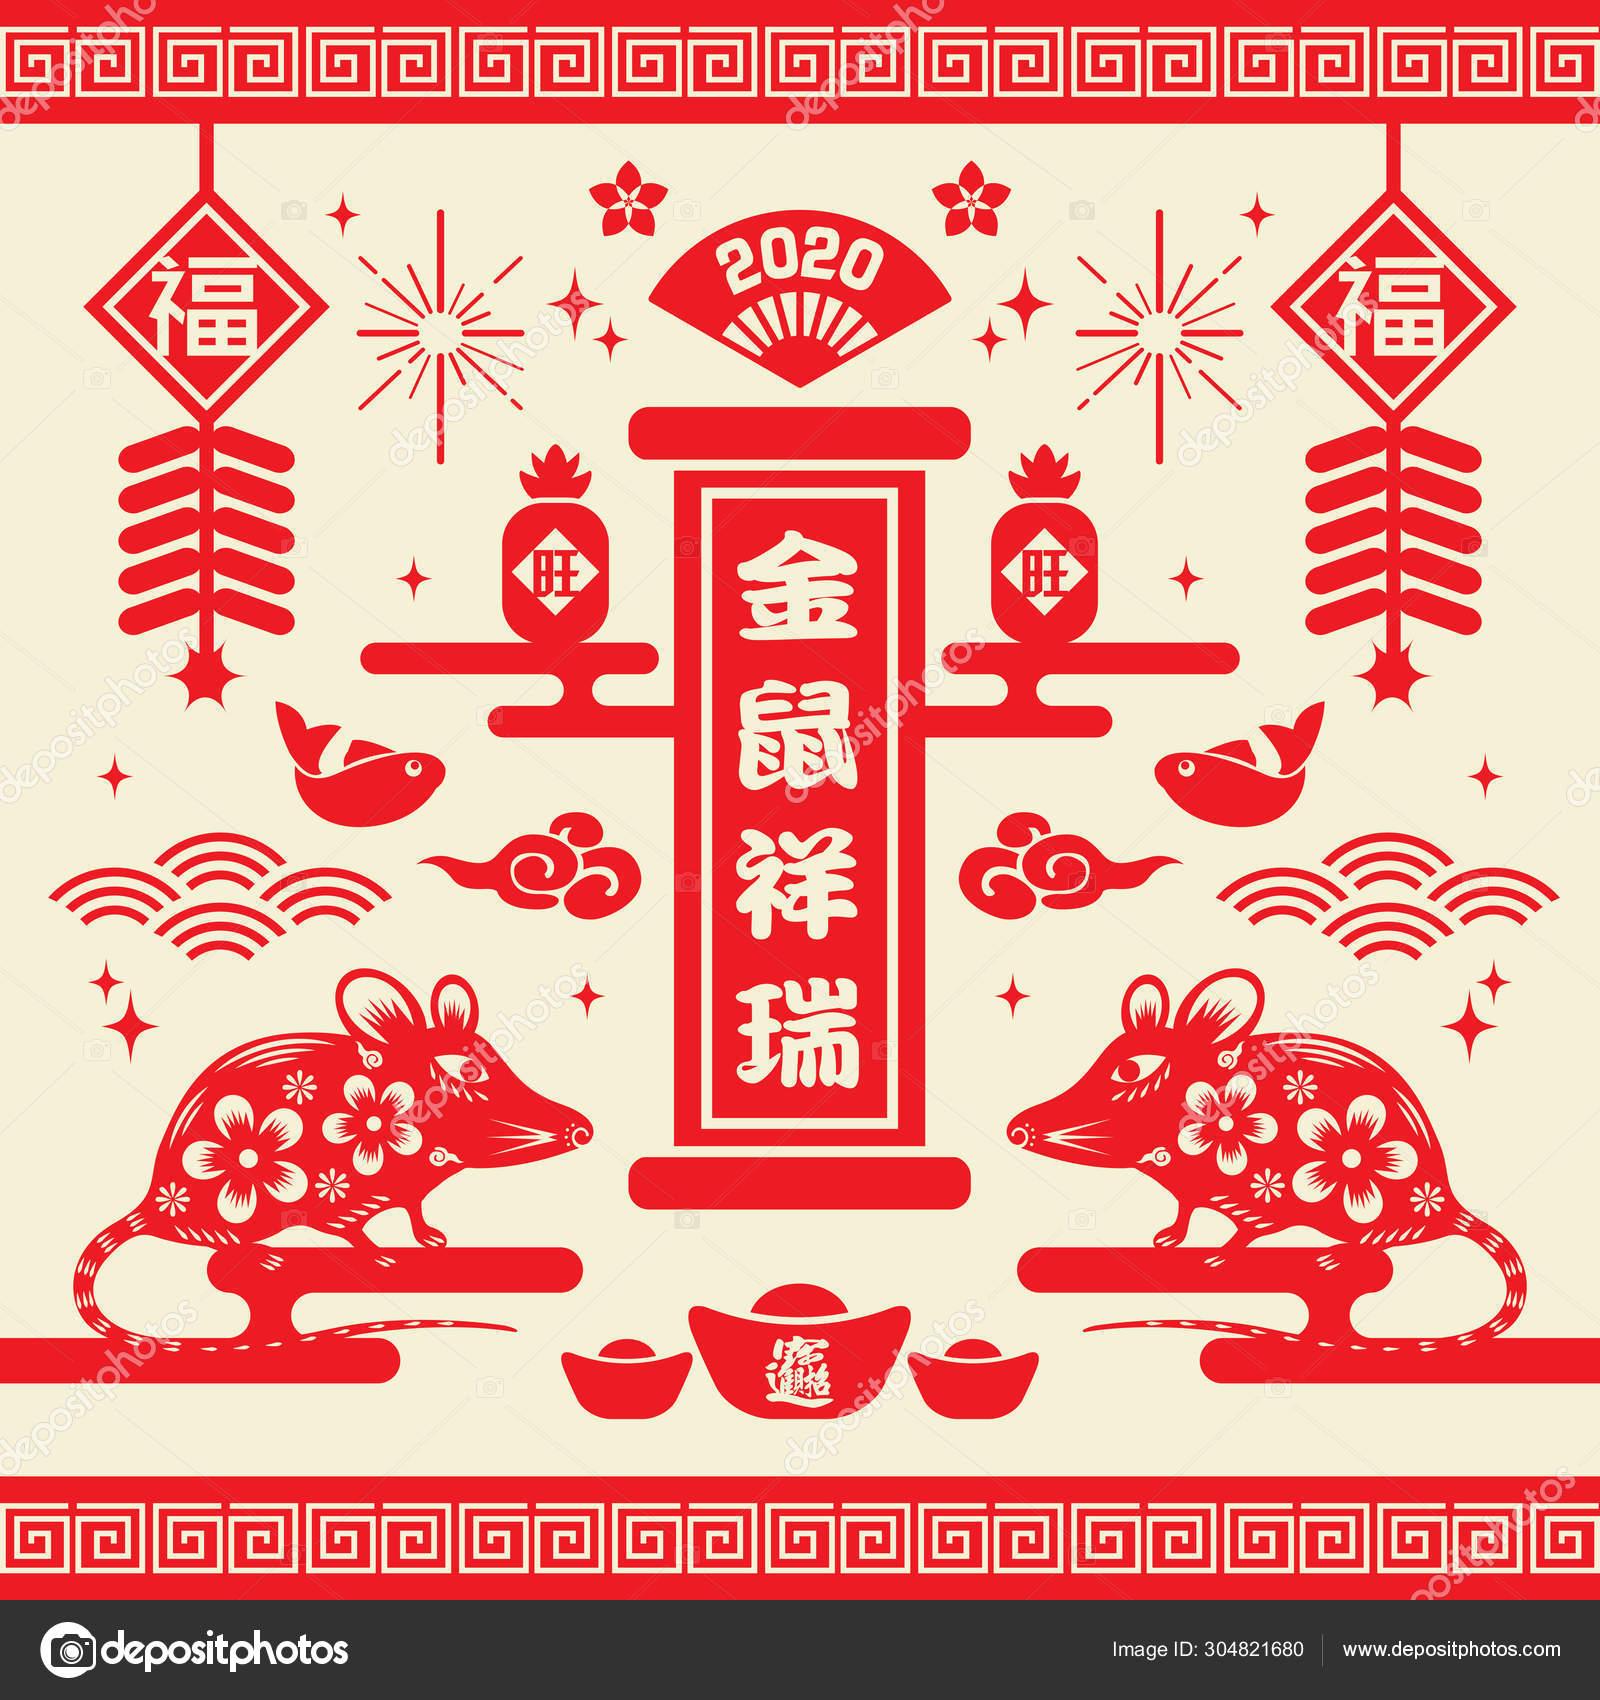 2020年春節剪紙鼠載體插圖 中文翻譯 鼠年吉祥年 — 圖庫矢量圖像© animicsgo #304821680